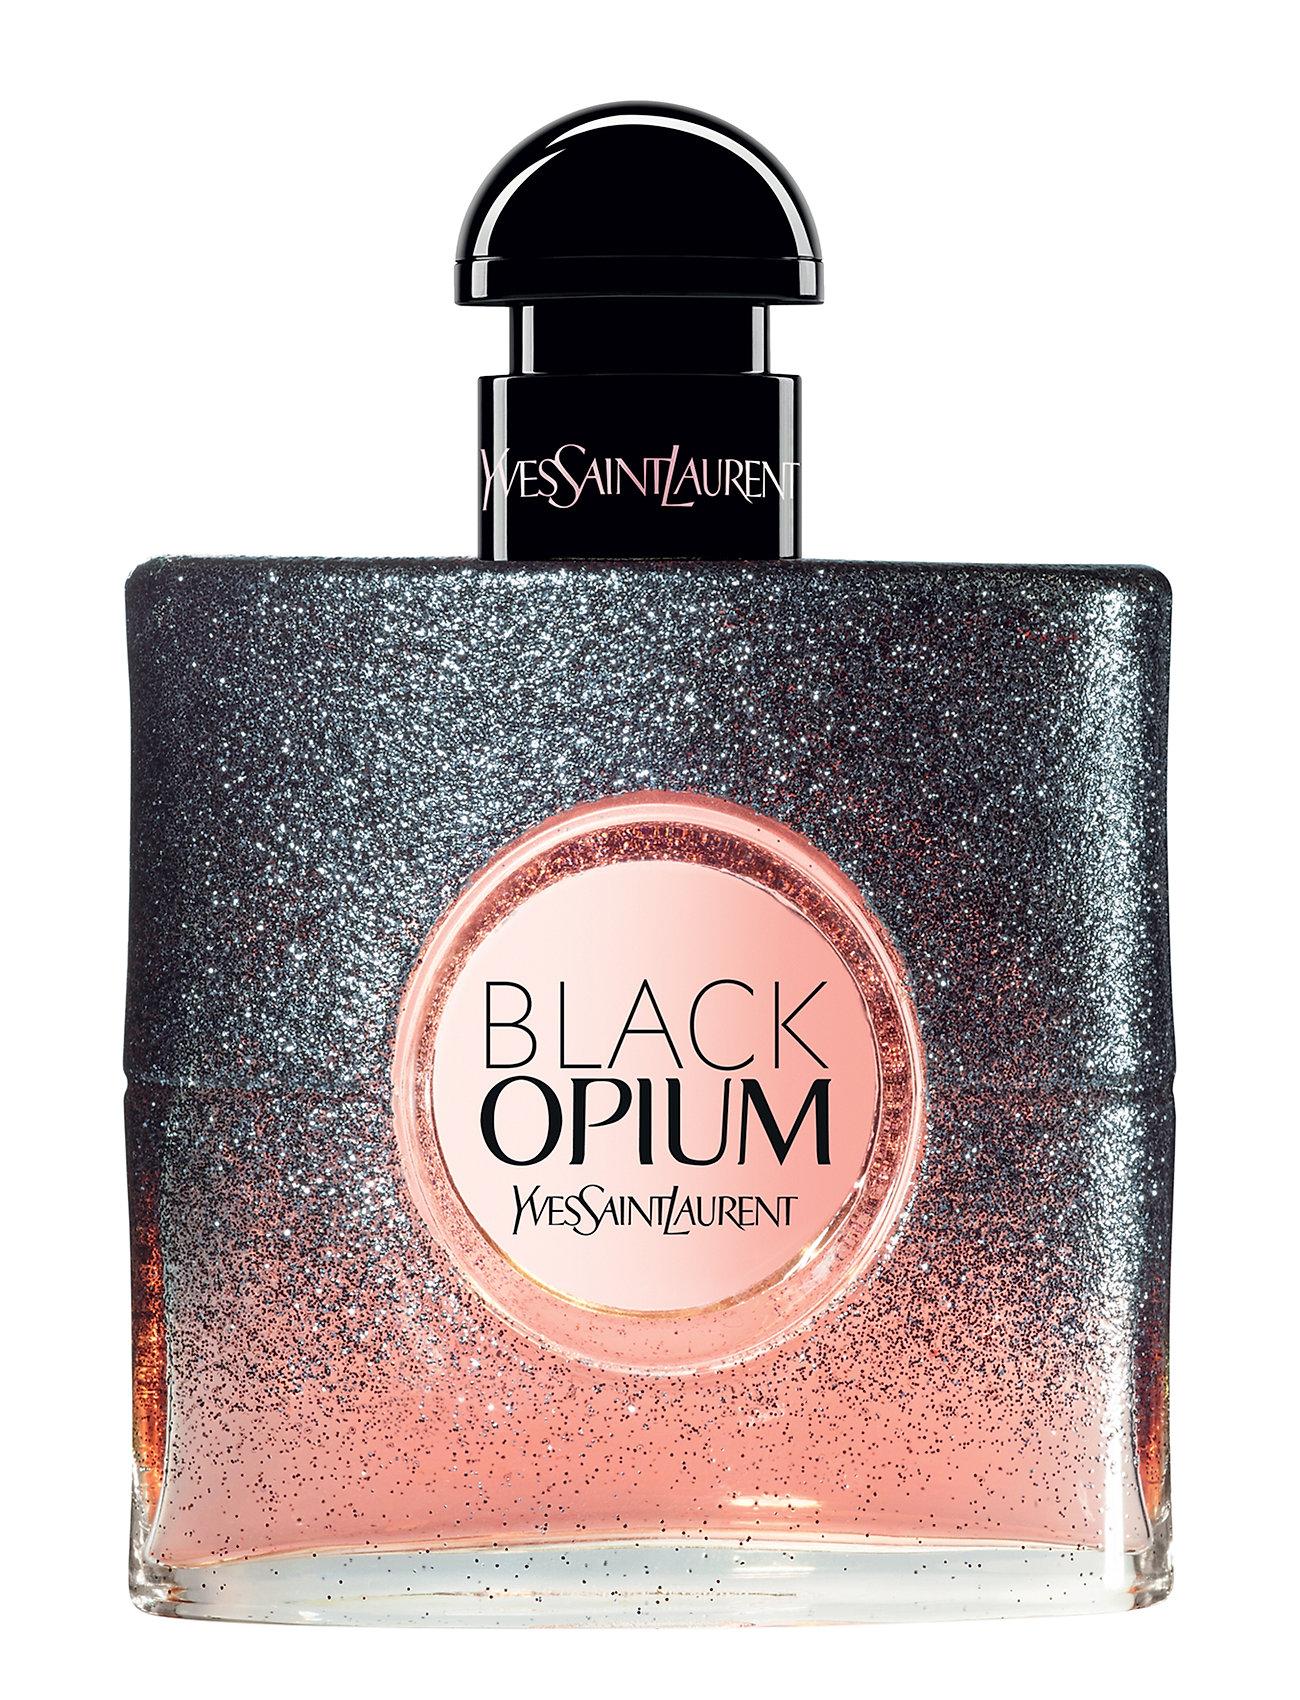 yves saint laurent – Black opium floral shock edp 50 ml fra boozt.com dk